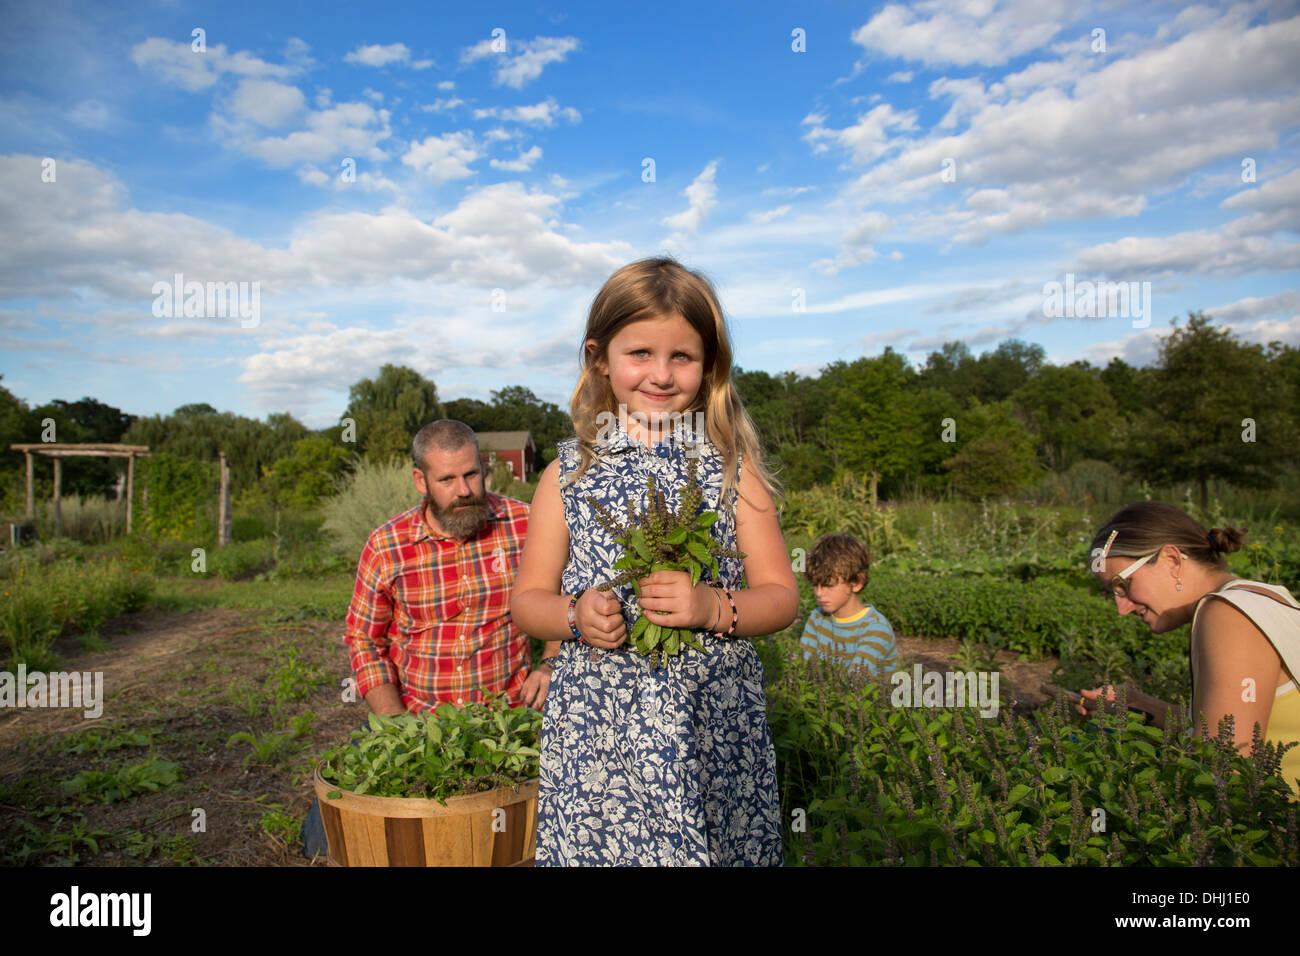 Retrato de Chica sujetando ramo de hojas de hierba de la familia granja Imagen De Stock